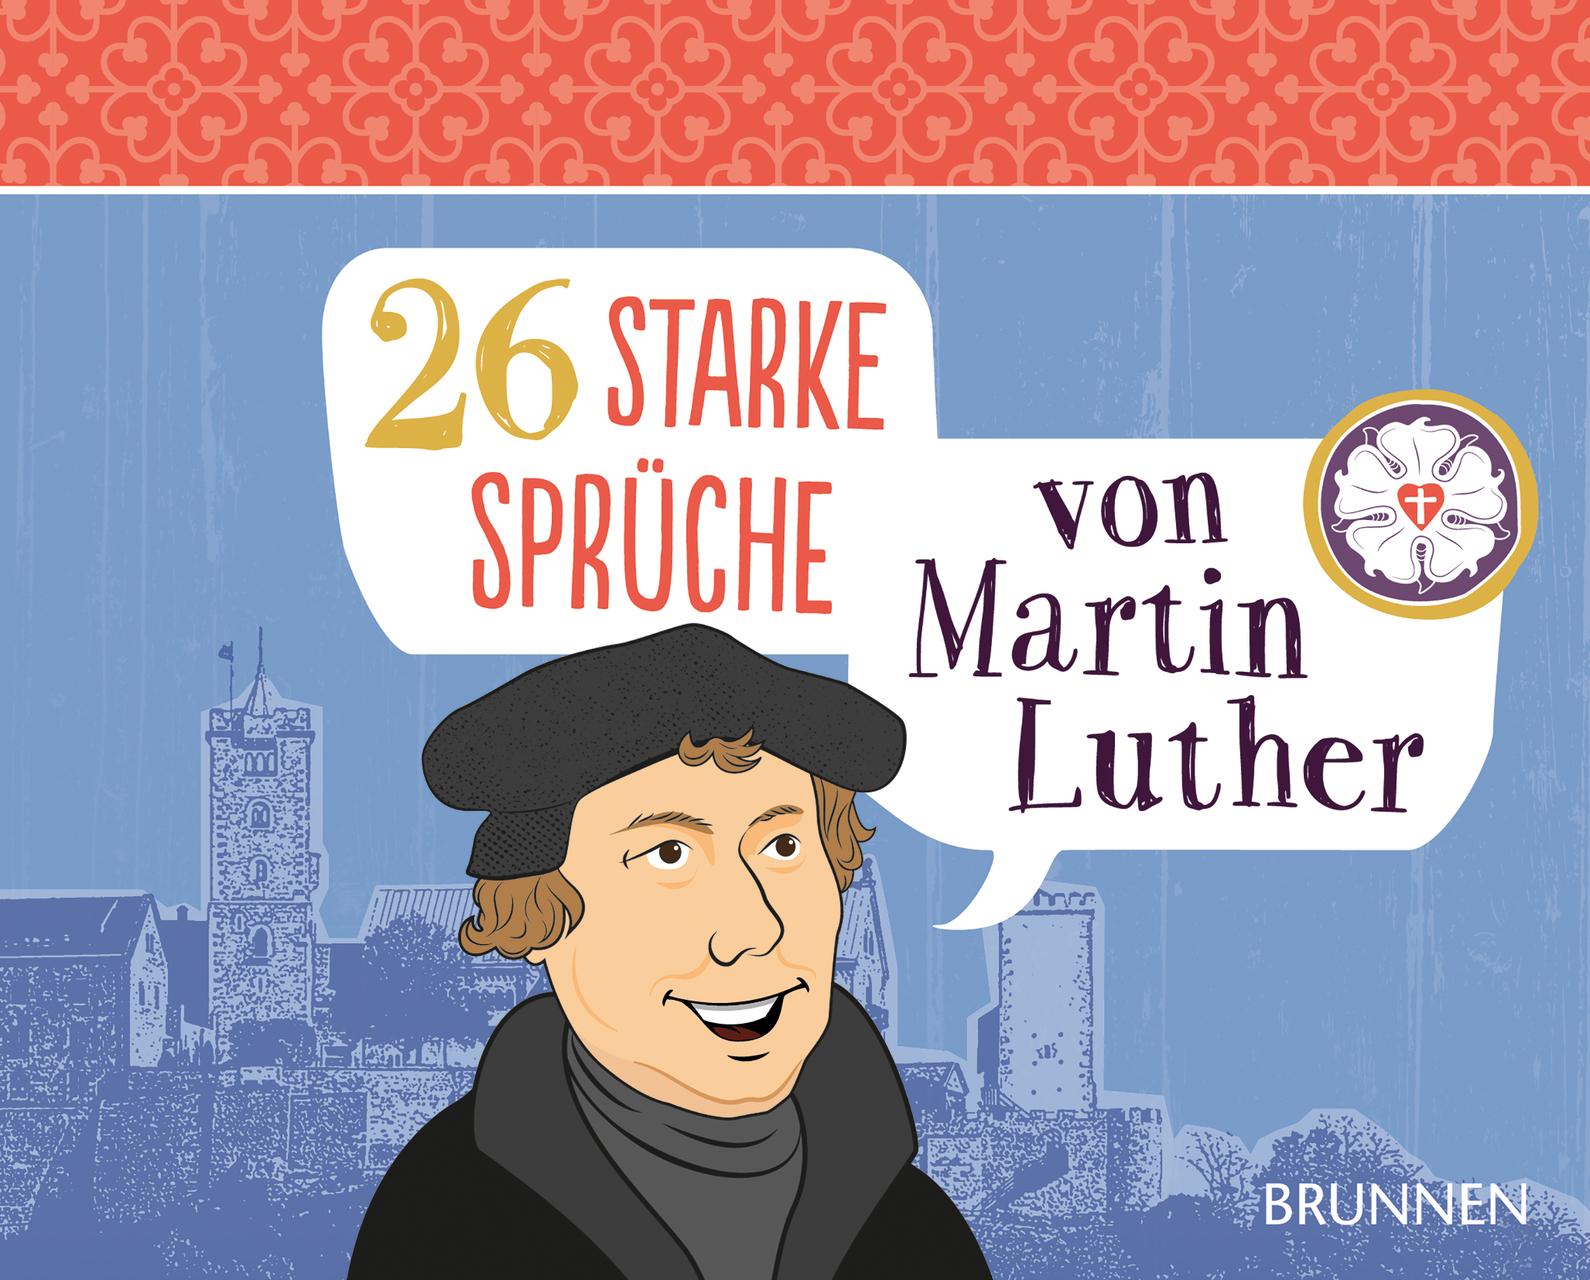 sprüche luther 26 starke Sprüche von Martin Luther (Spiralbindung) | Buchhandlung  sprüche luther